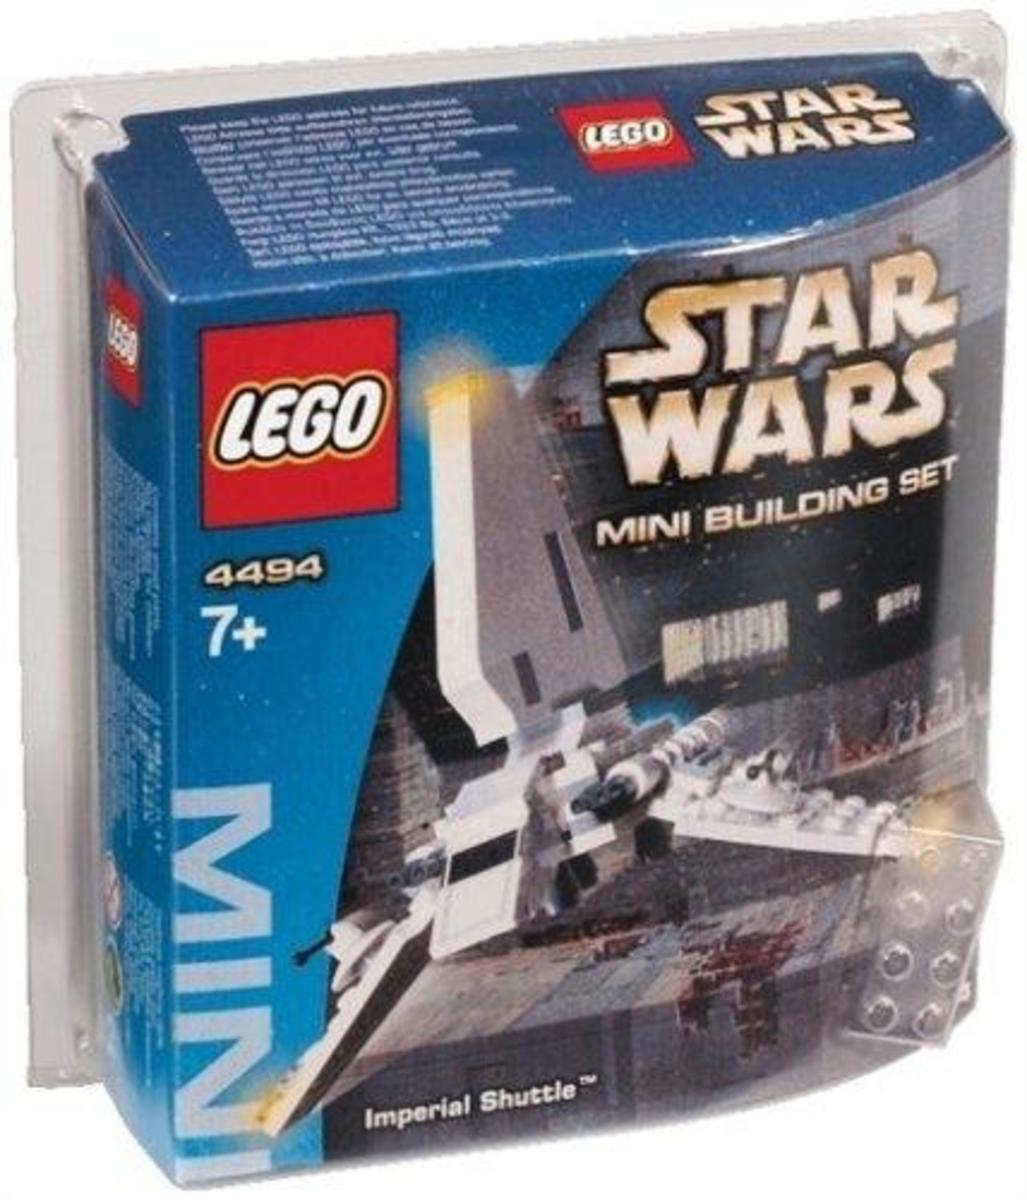 LEGO Star Wars Imperial Shuttle 4494 Box